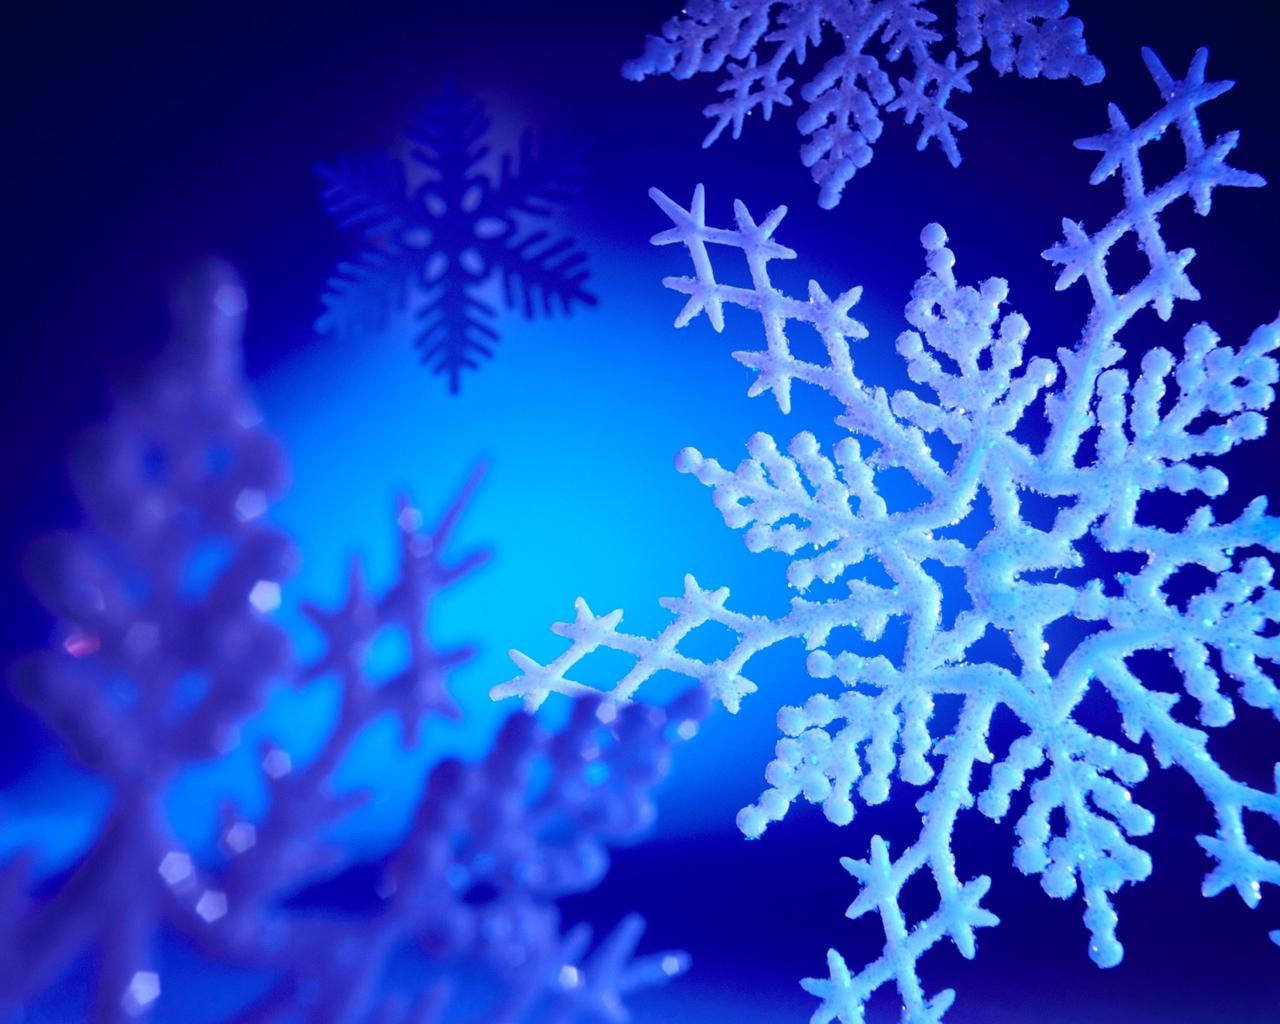 Картинки, снежинка для поздравления